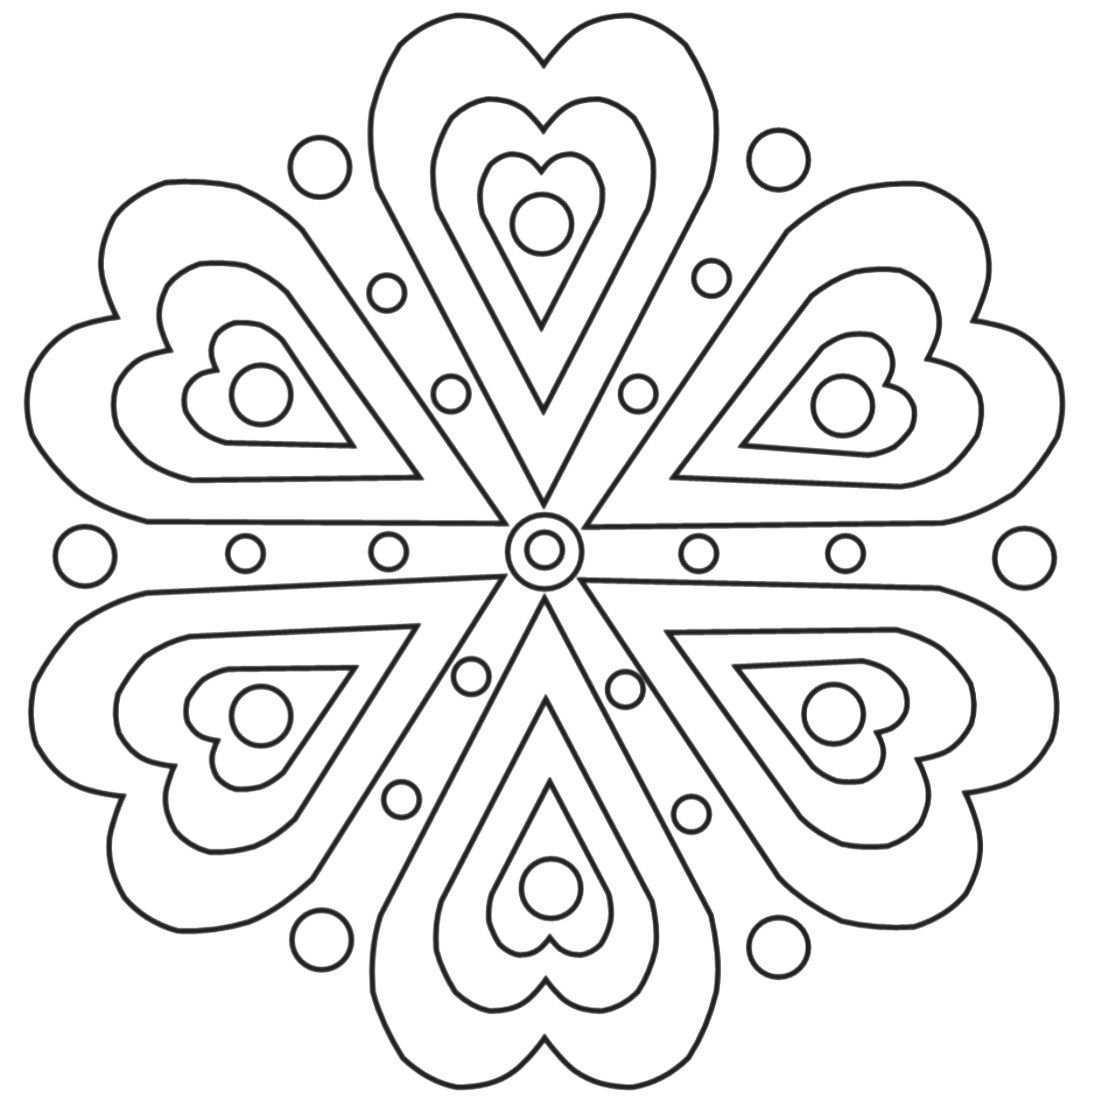 Meditate Mandalas Ancient Art Form Sol Center West Muster Malvorlagen Mandala Malvorlagen Ausmalen